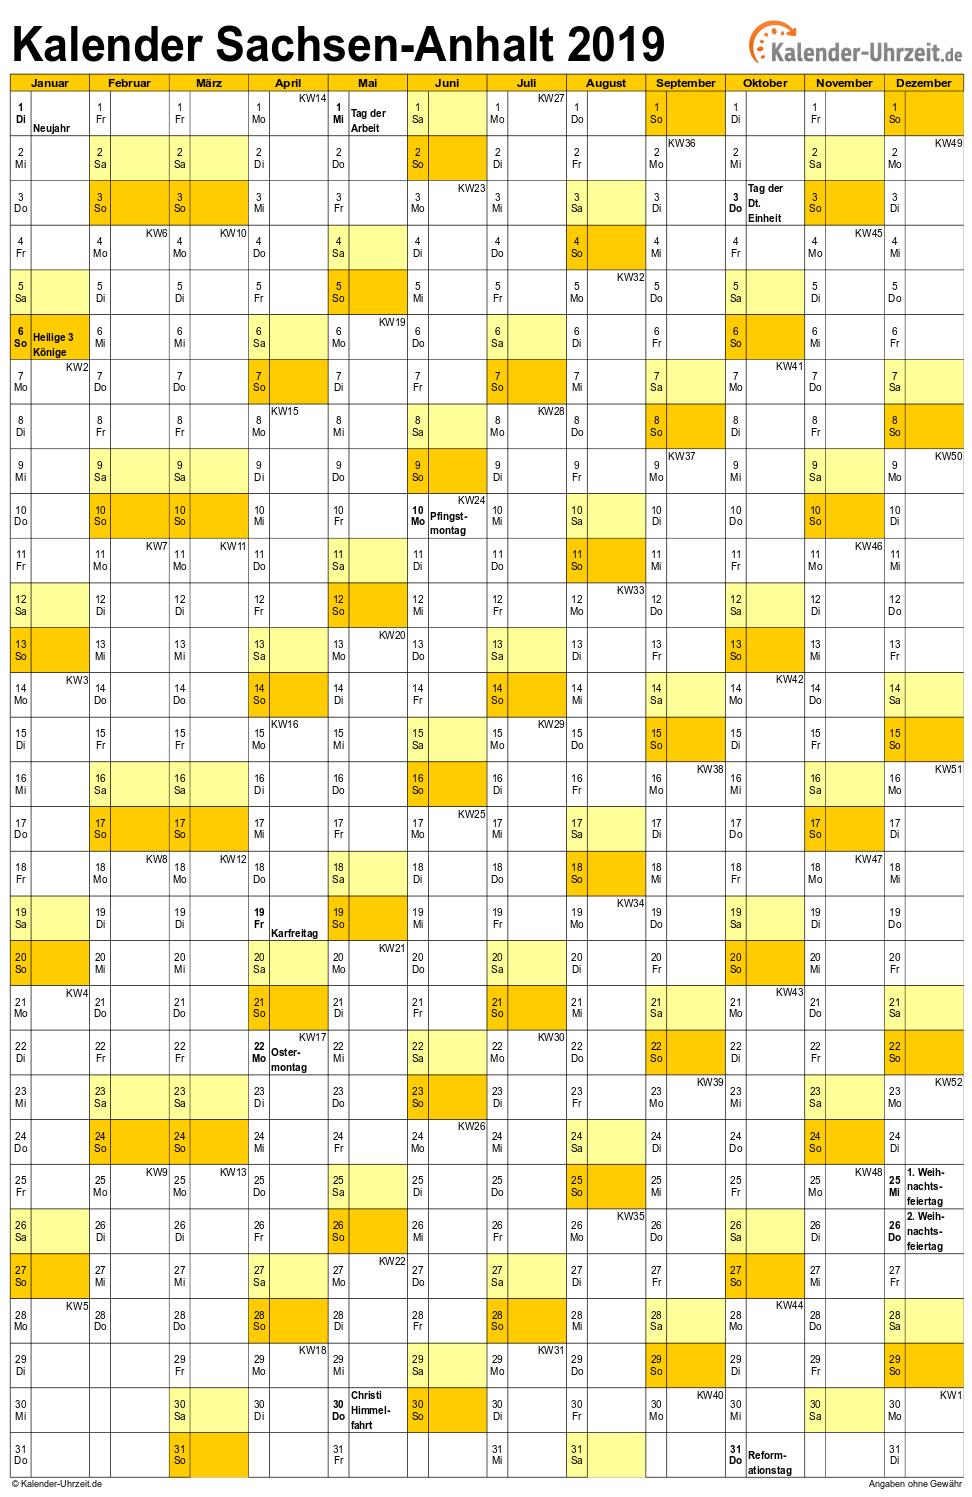 Sachsen-Anhalt Kalender 2019 mit Feiertagen - hoch-einseitig